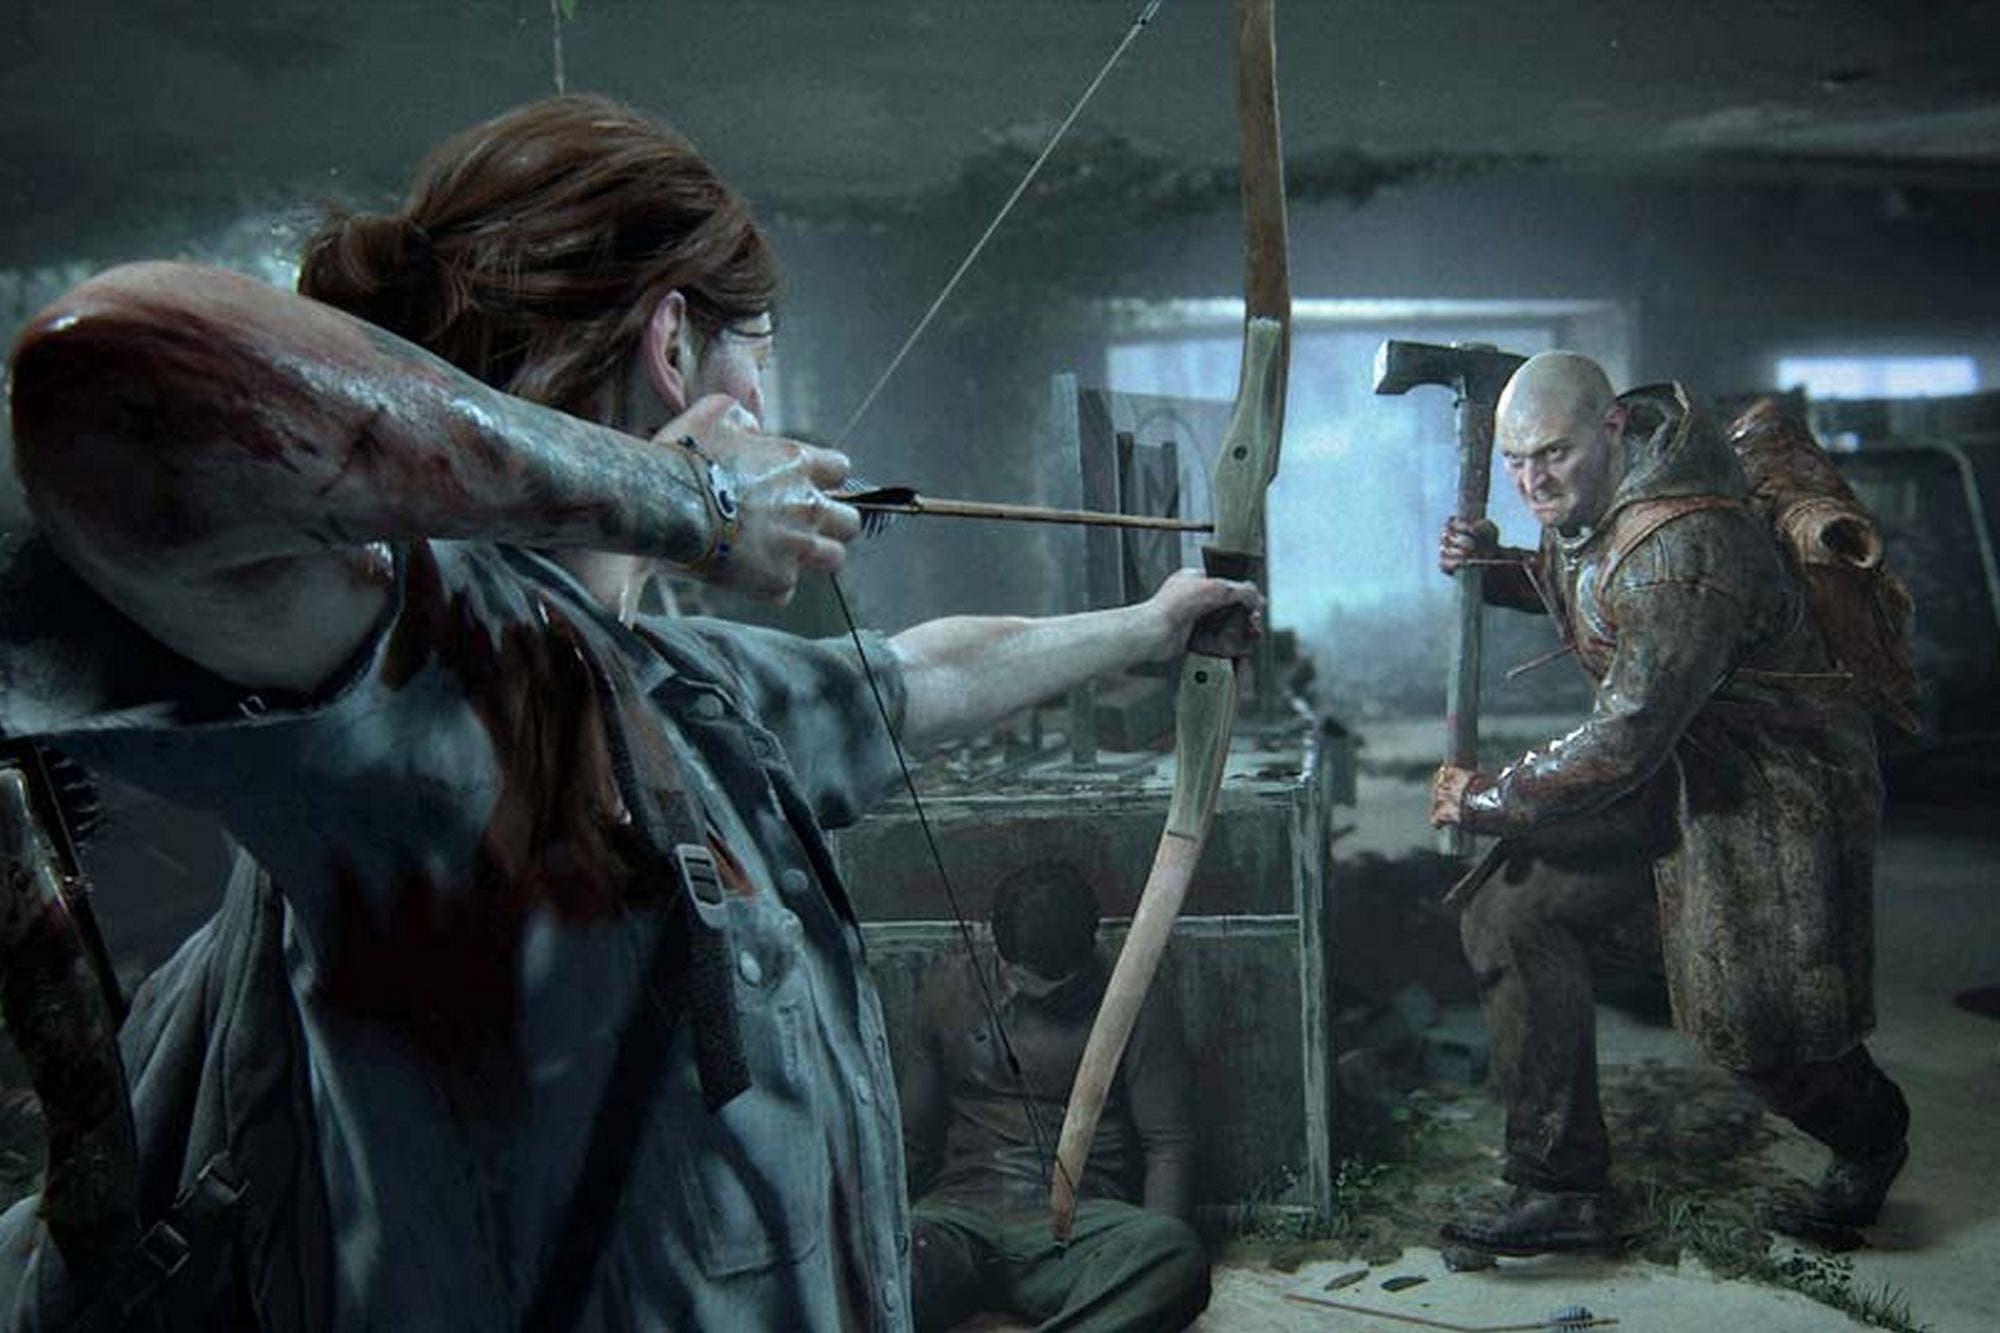 El creador de The Last Of Us 2 nos cuenta cómo será el videojuego exclusivo para PlayStation 4